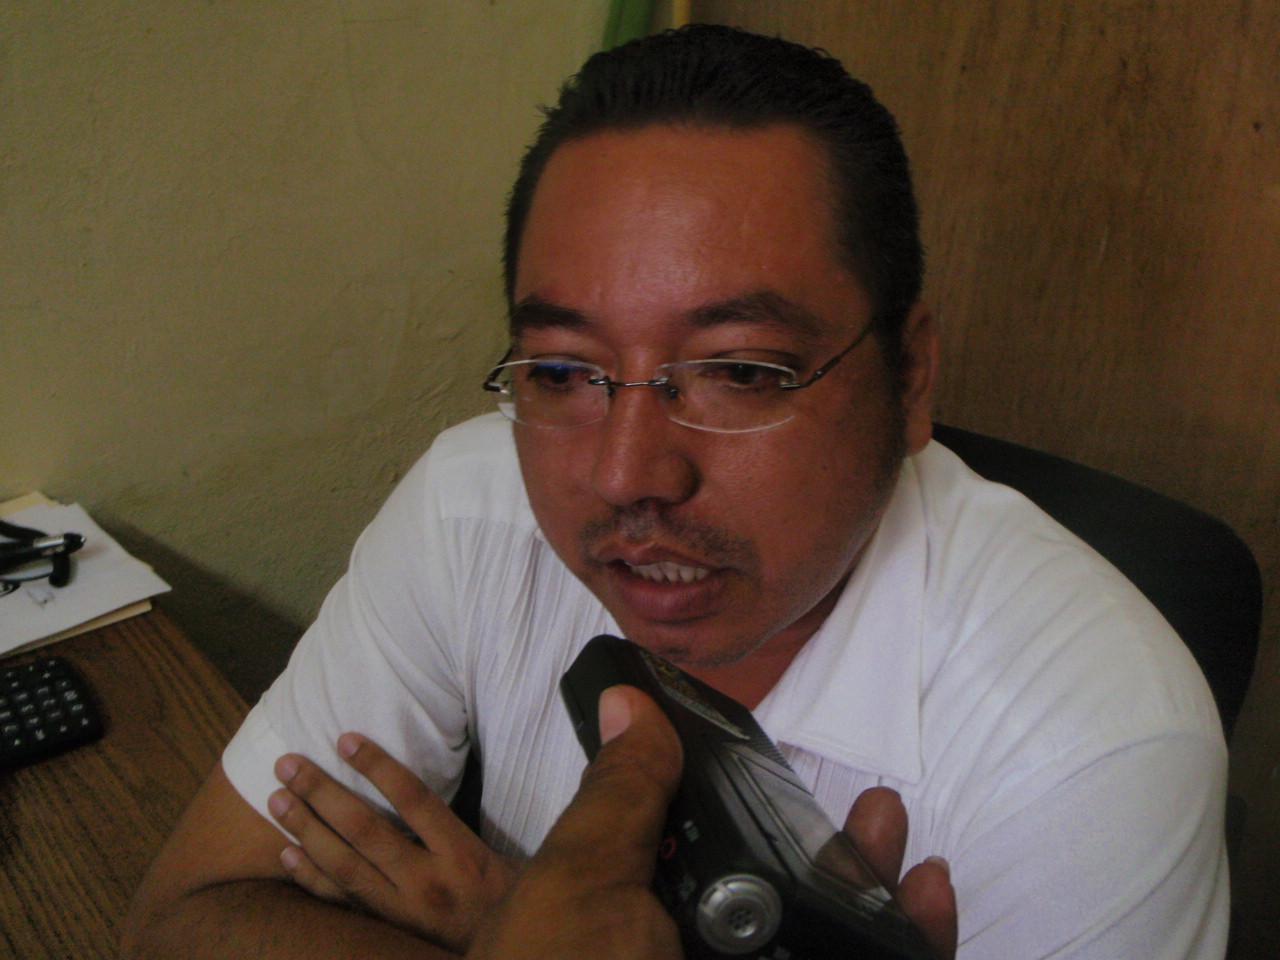 http://2.bp.blogspot.com/-b5iHglL6RA8/TtzPkdl-LrI/AAAAAAAAGAs/AEluKLcVKNQ/s1600/Hombres%2Bdel%2Bcampo%2Bya%2Btienen%2Bcandidato%2Ba%2Bla%2Bmunicipal%2Ben%2BPijijiapan.JPG